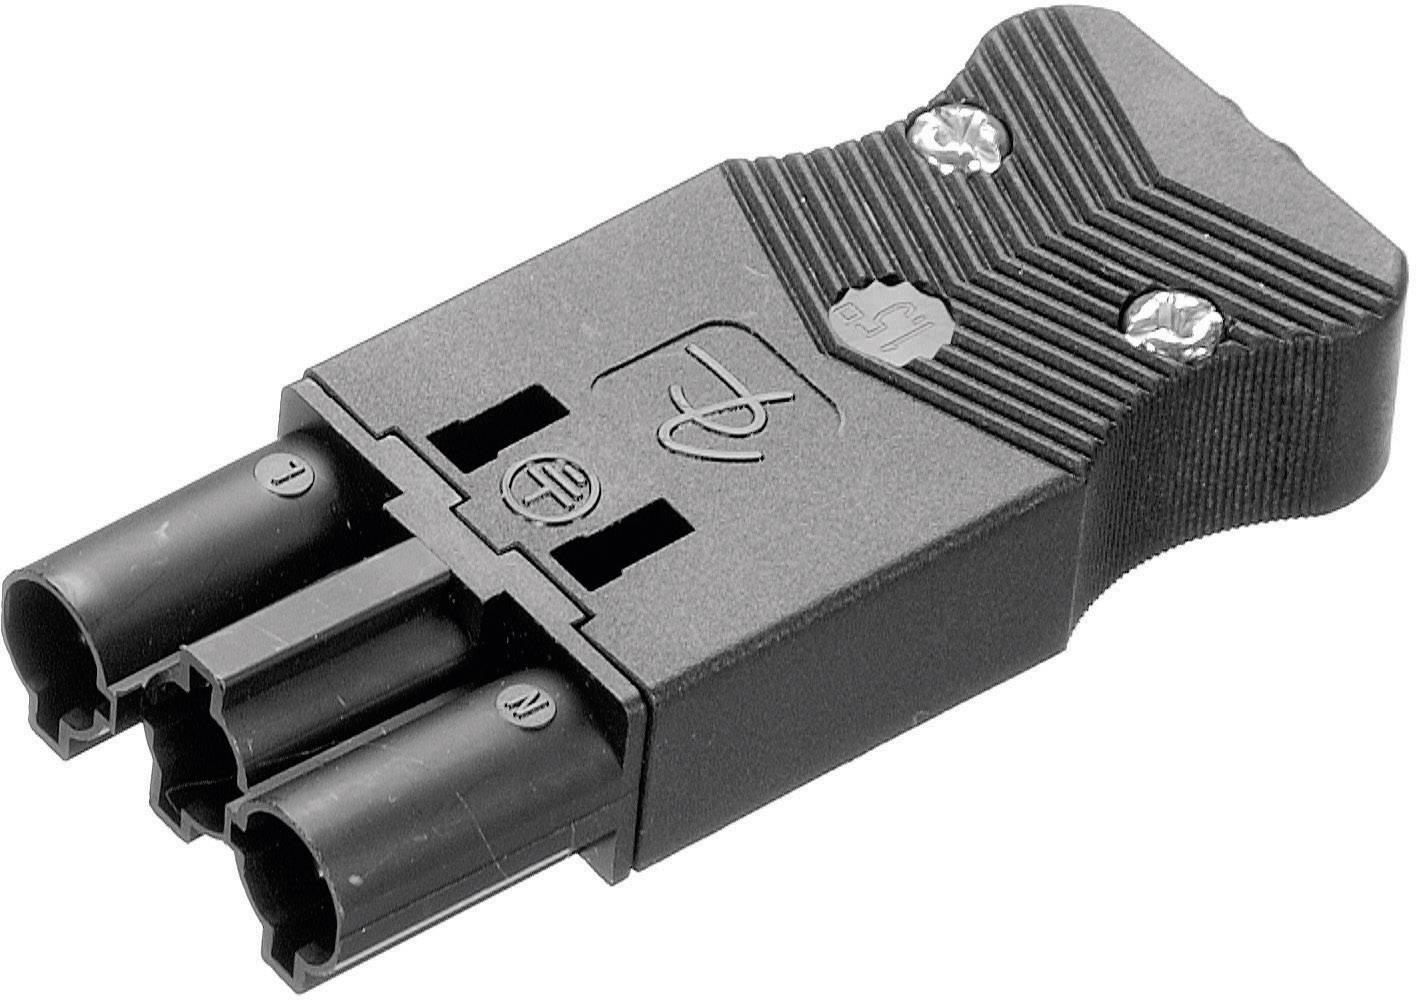 Sieťový konektor Adels-Contact AC 166 GSTF/ 325, zástrčka, rovná, počet kontaktov: 2 + PE, 16 A, 250 V, čierna, 1 ks